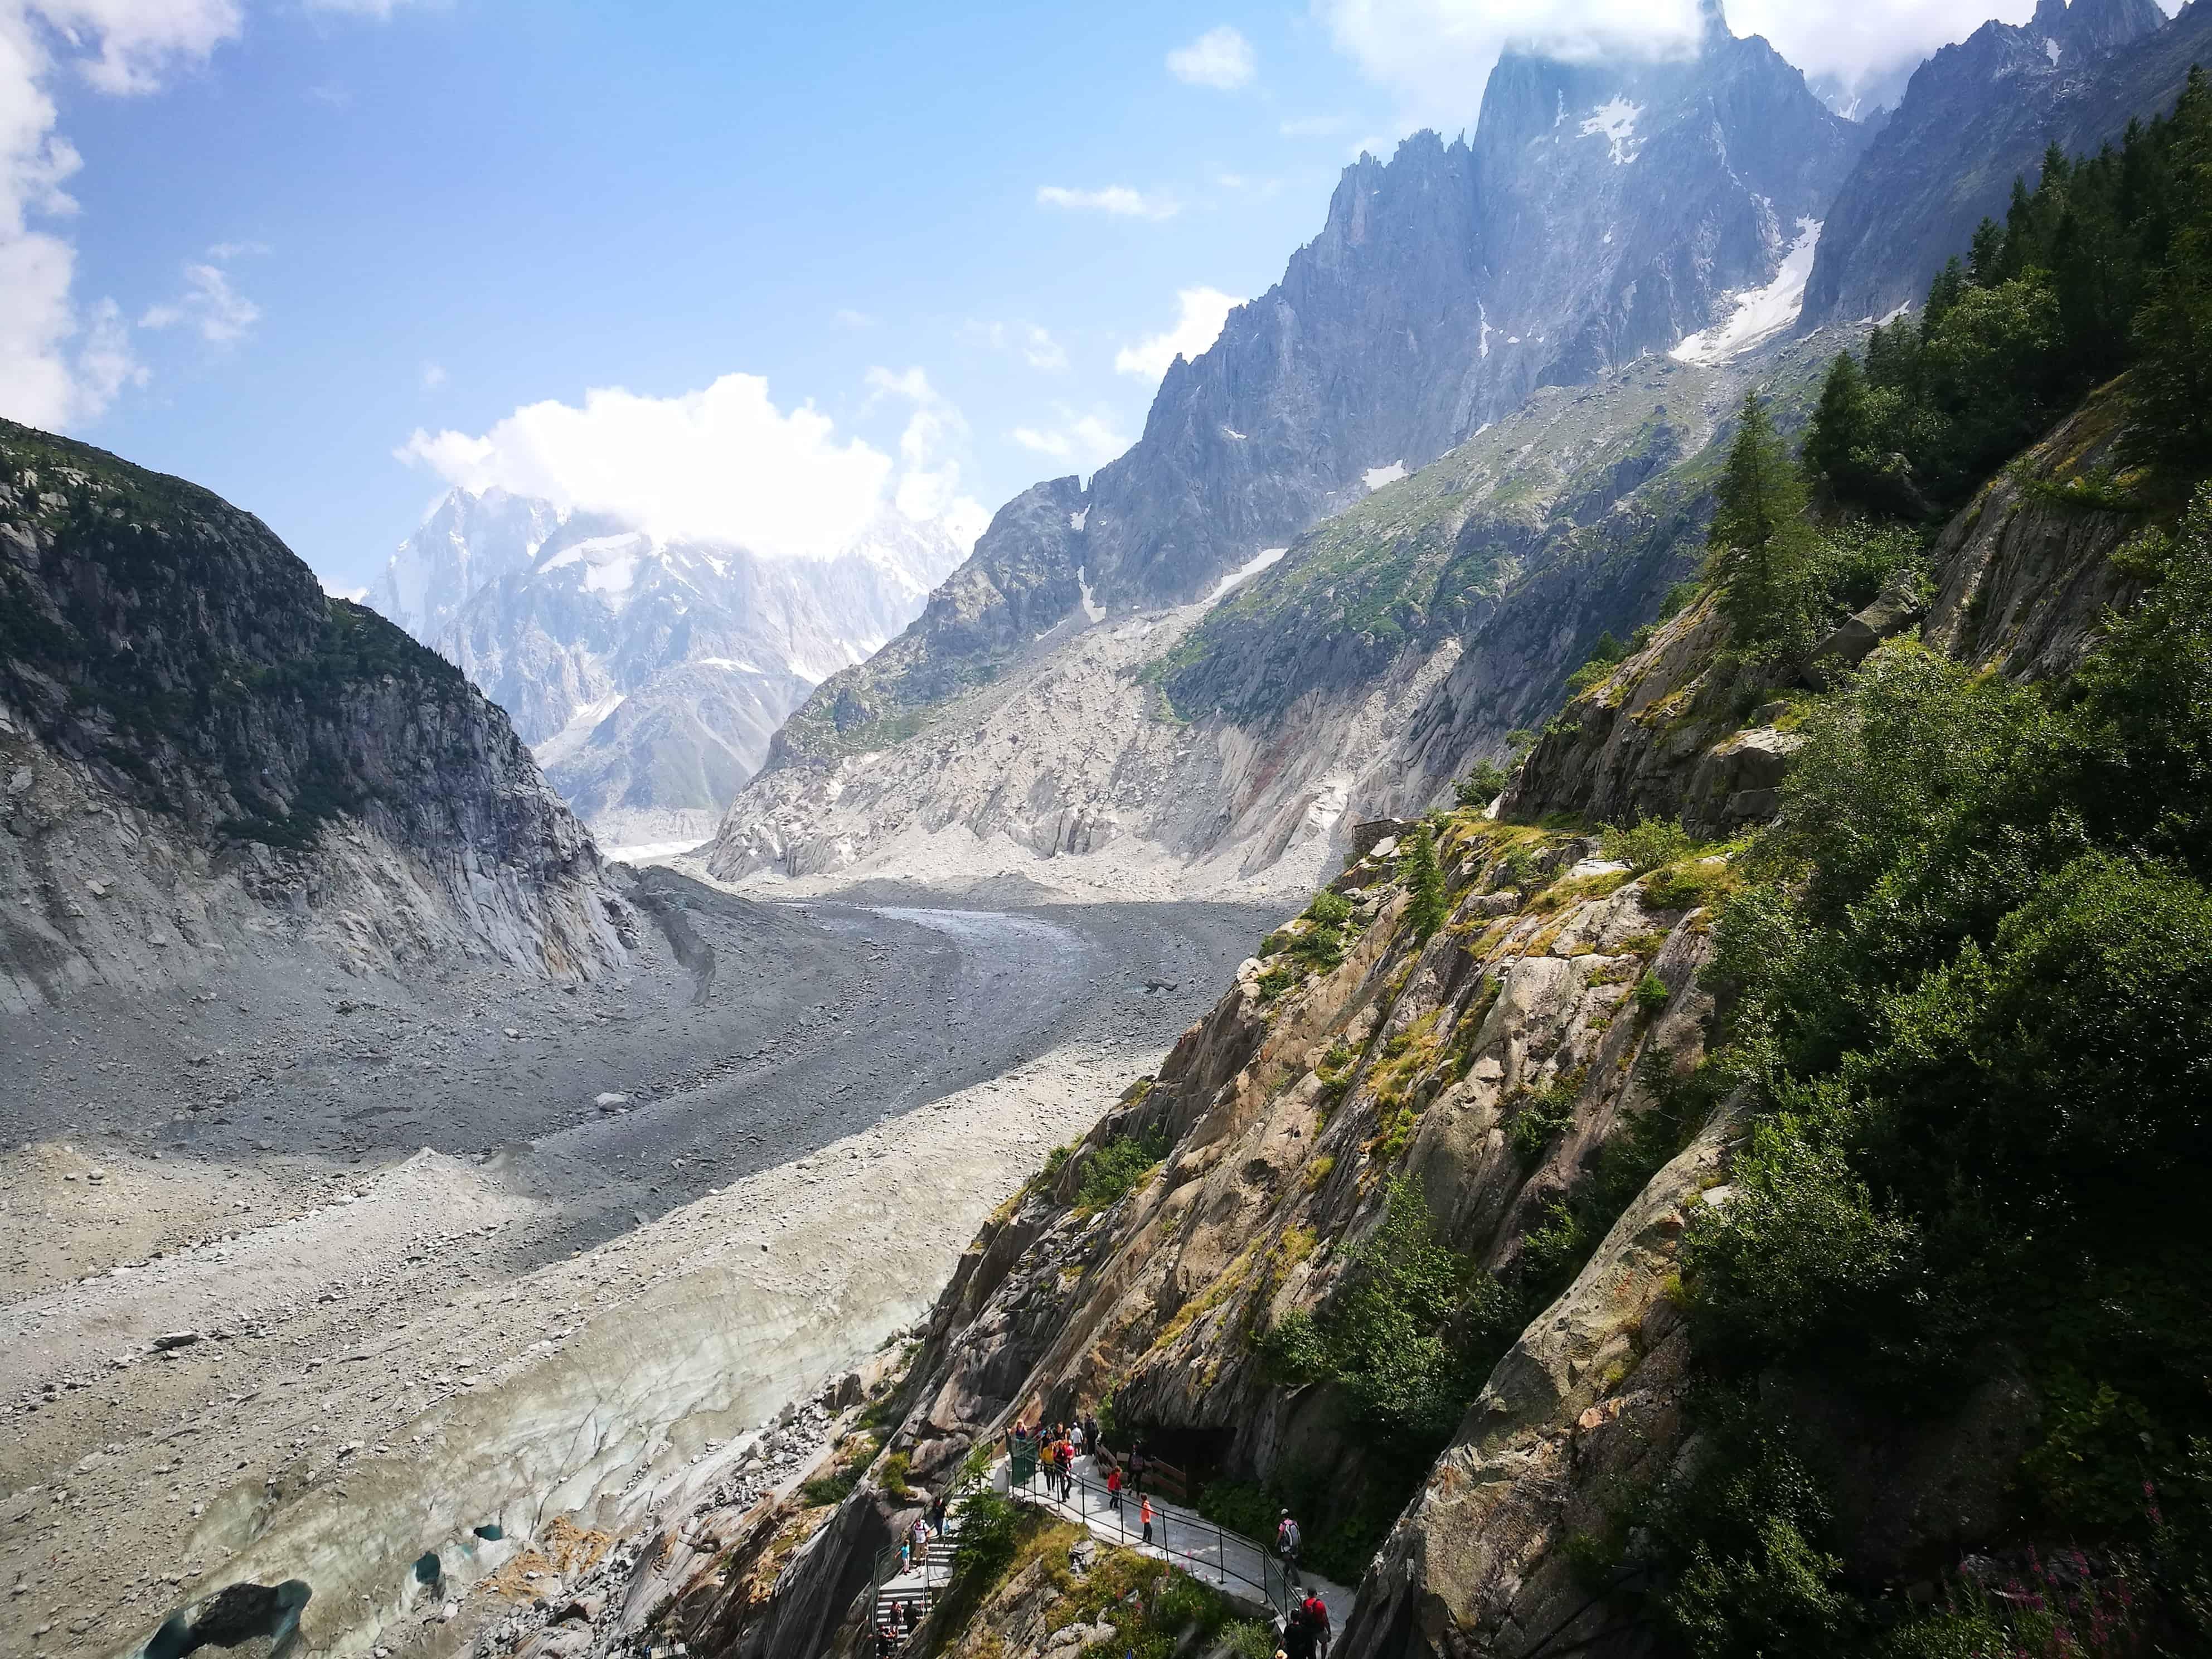 Fast abgeschmolzener Gletscher in Frankreich